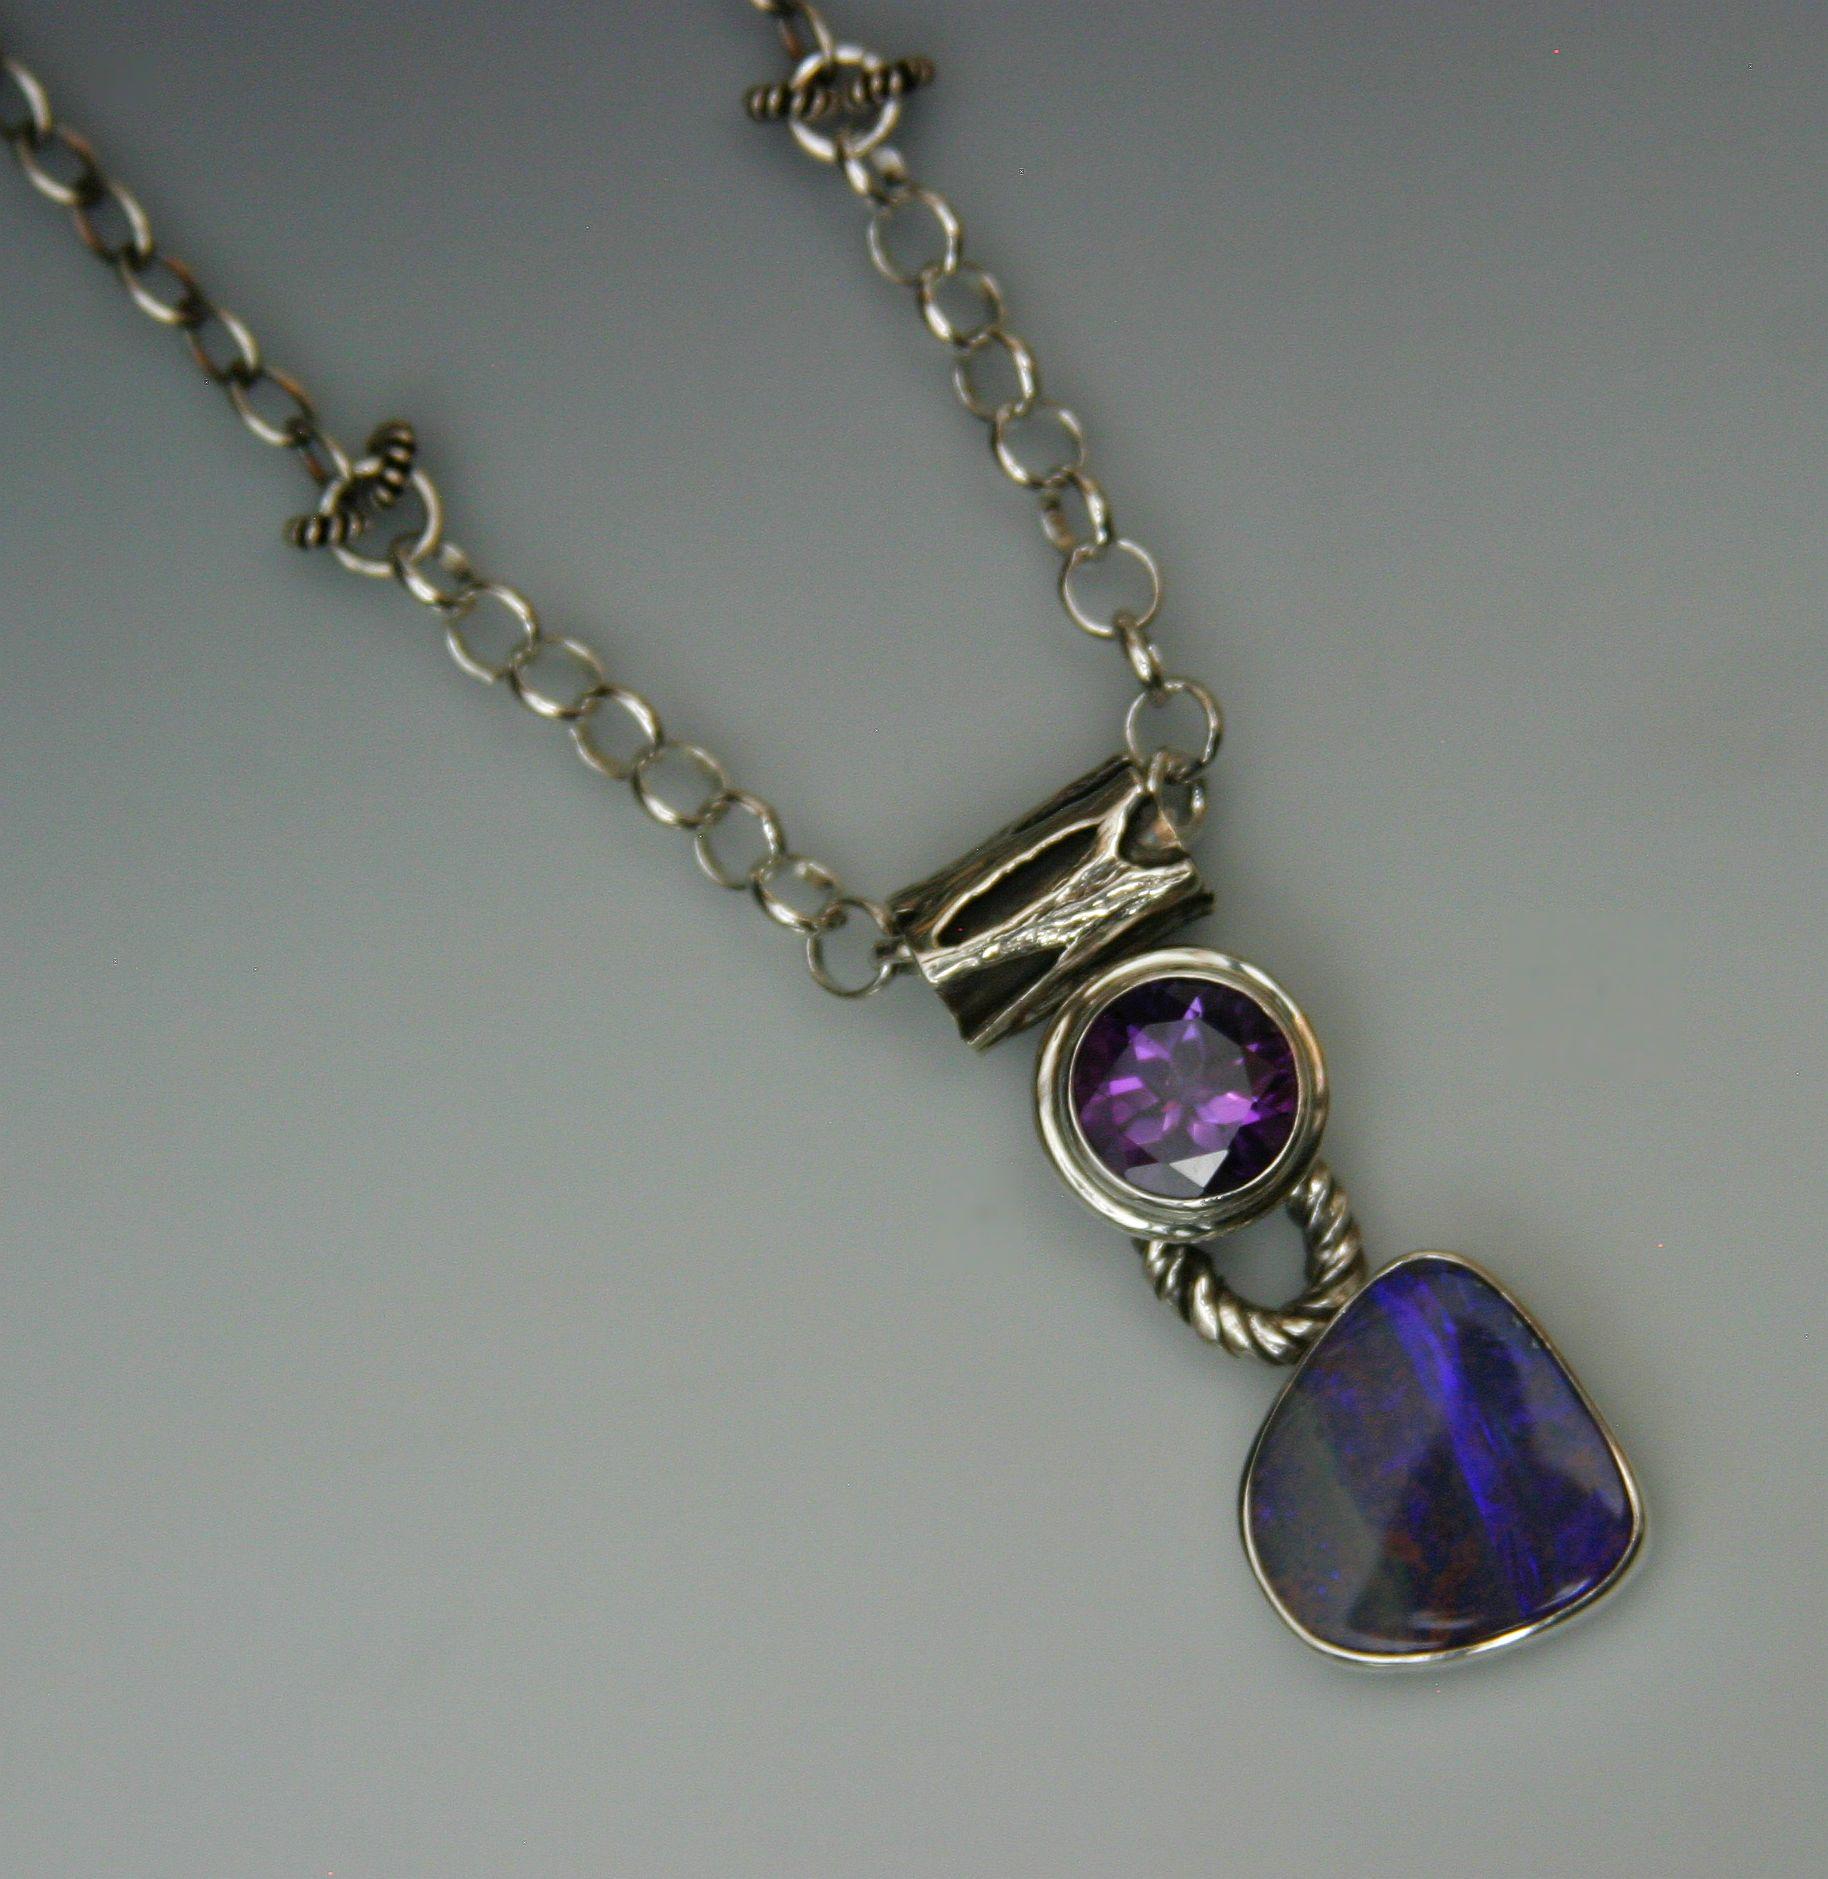 boulder opal amethyst